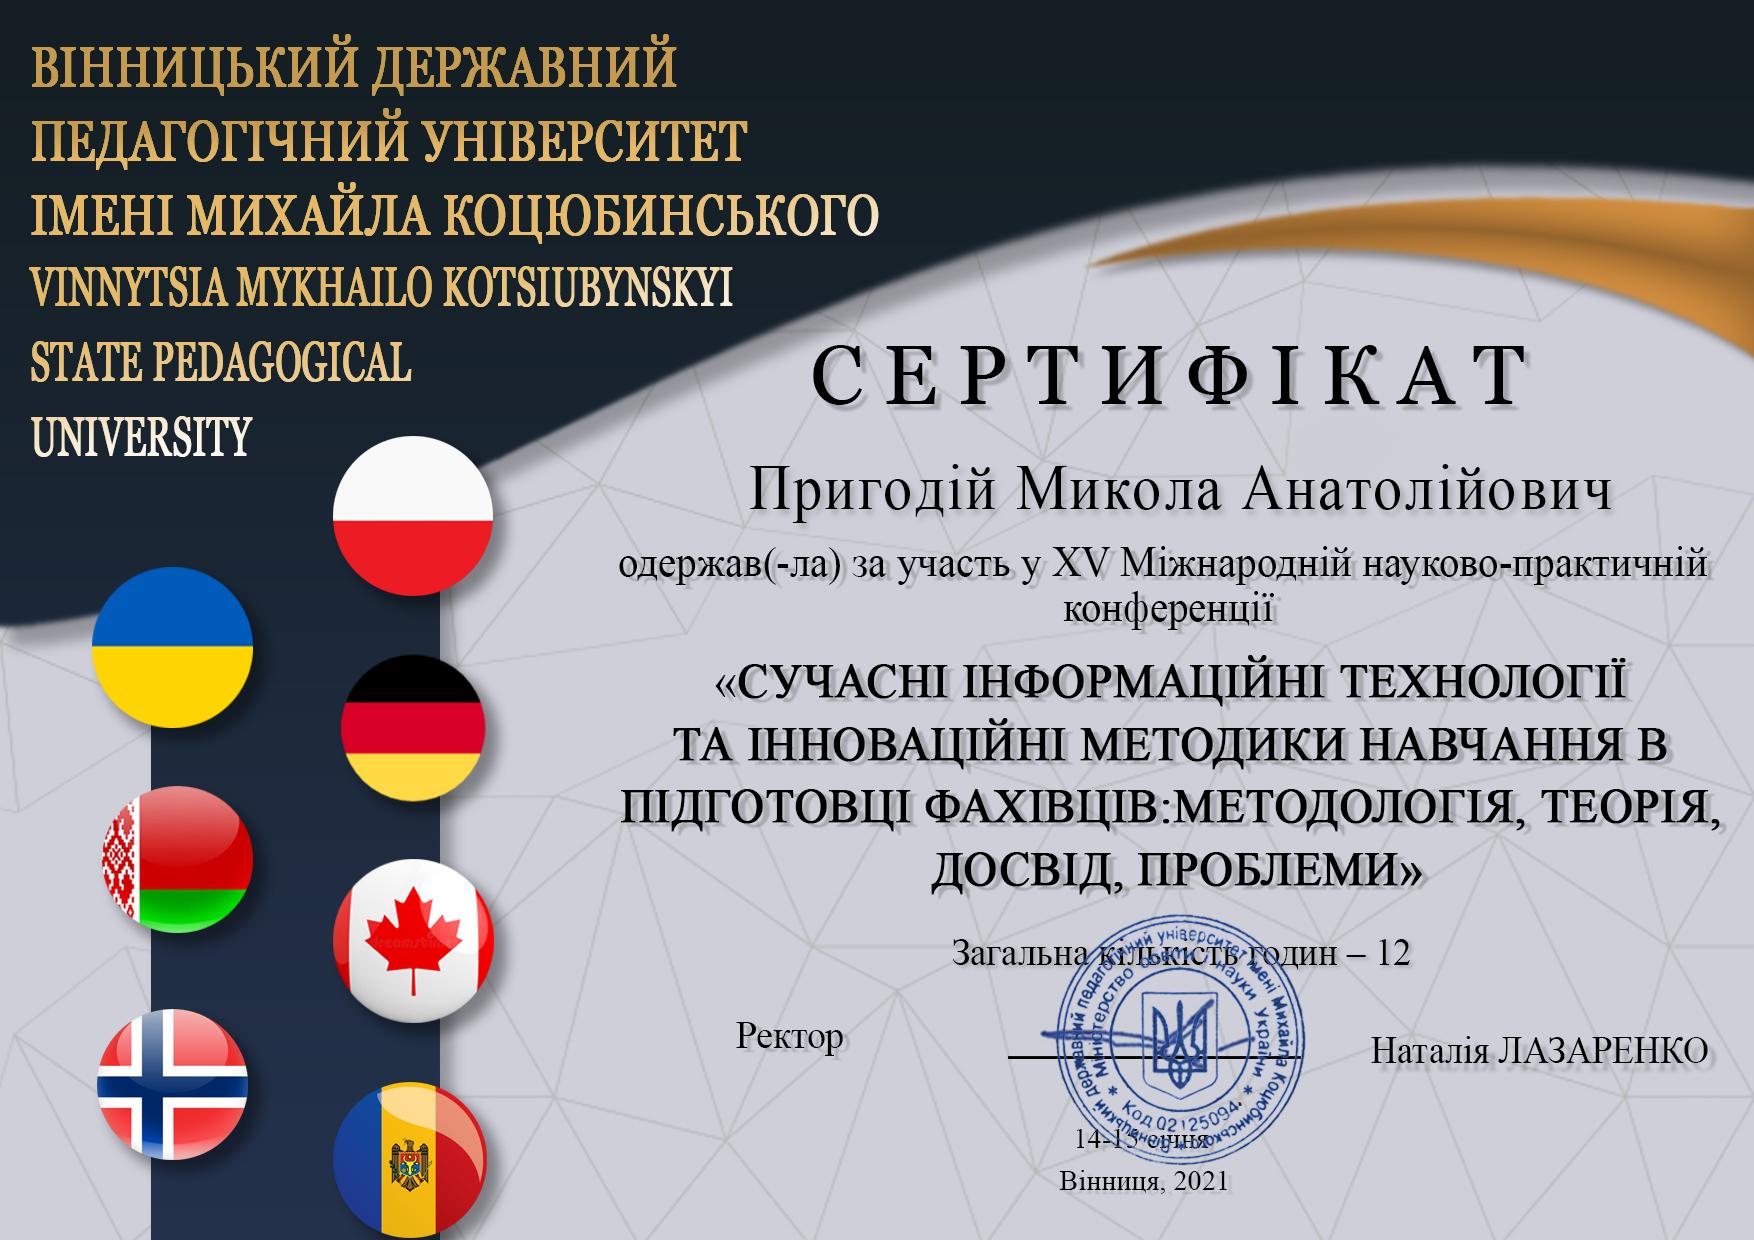 Пригодій Микола Анатолійович